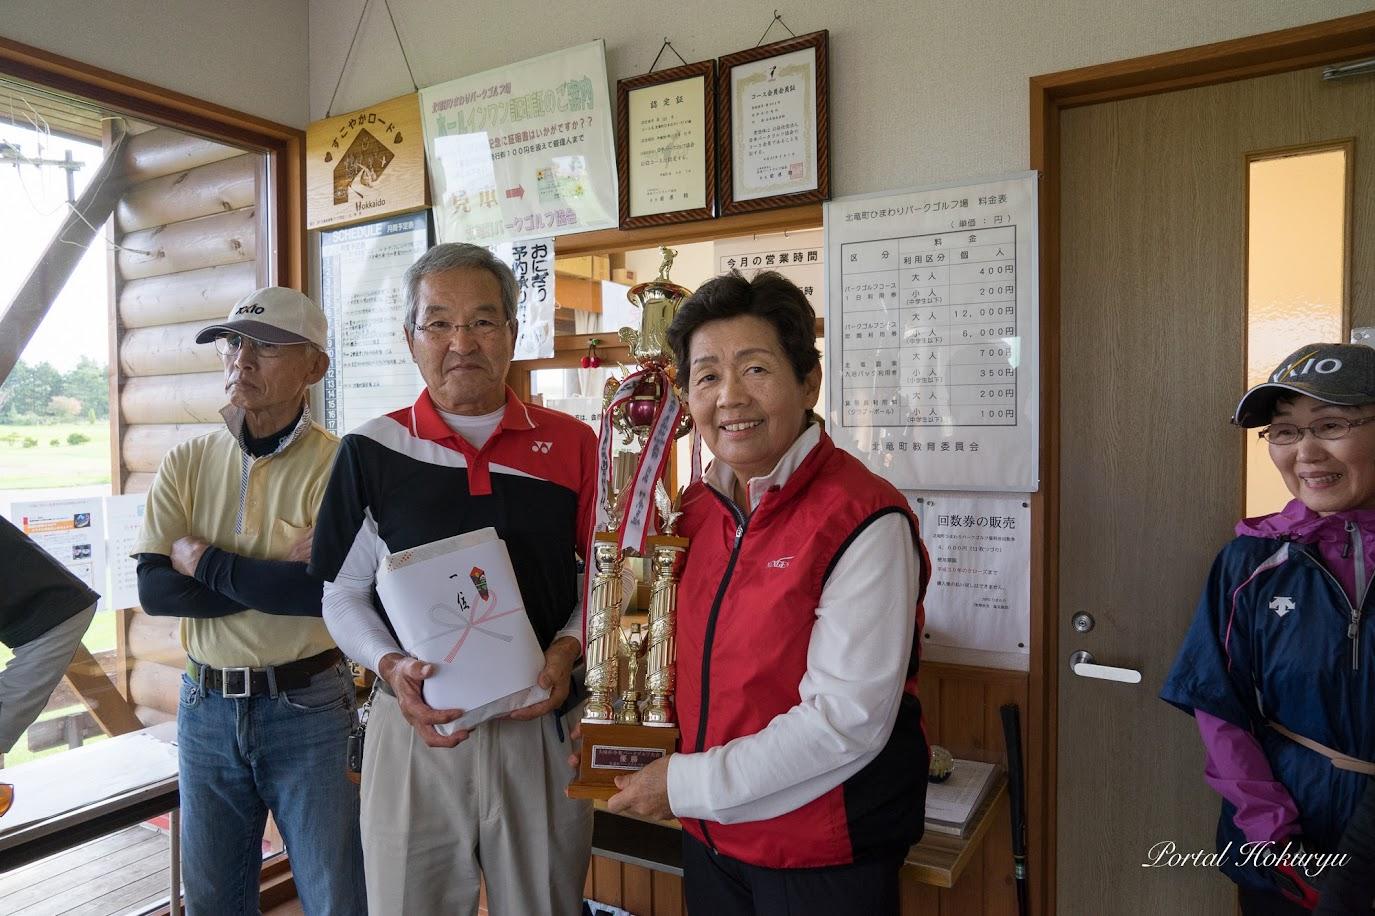 優勝:山田和昭・妙子ご夫妻